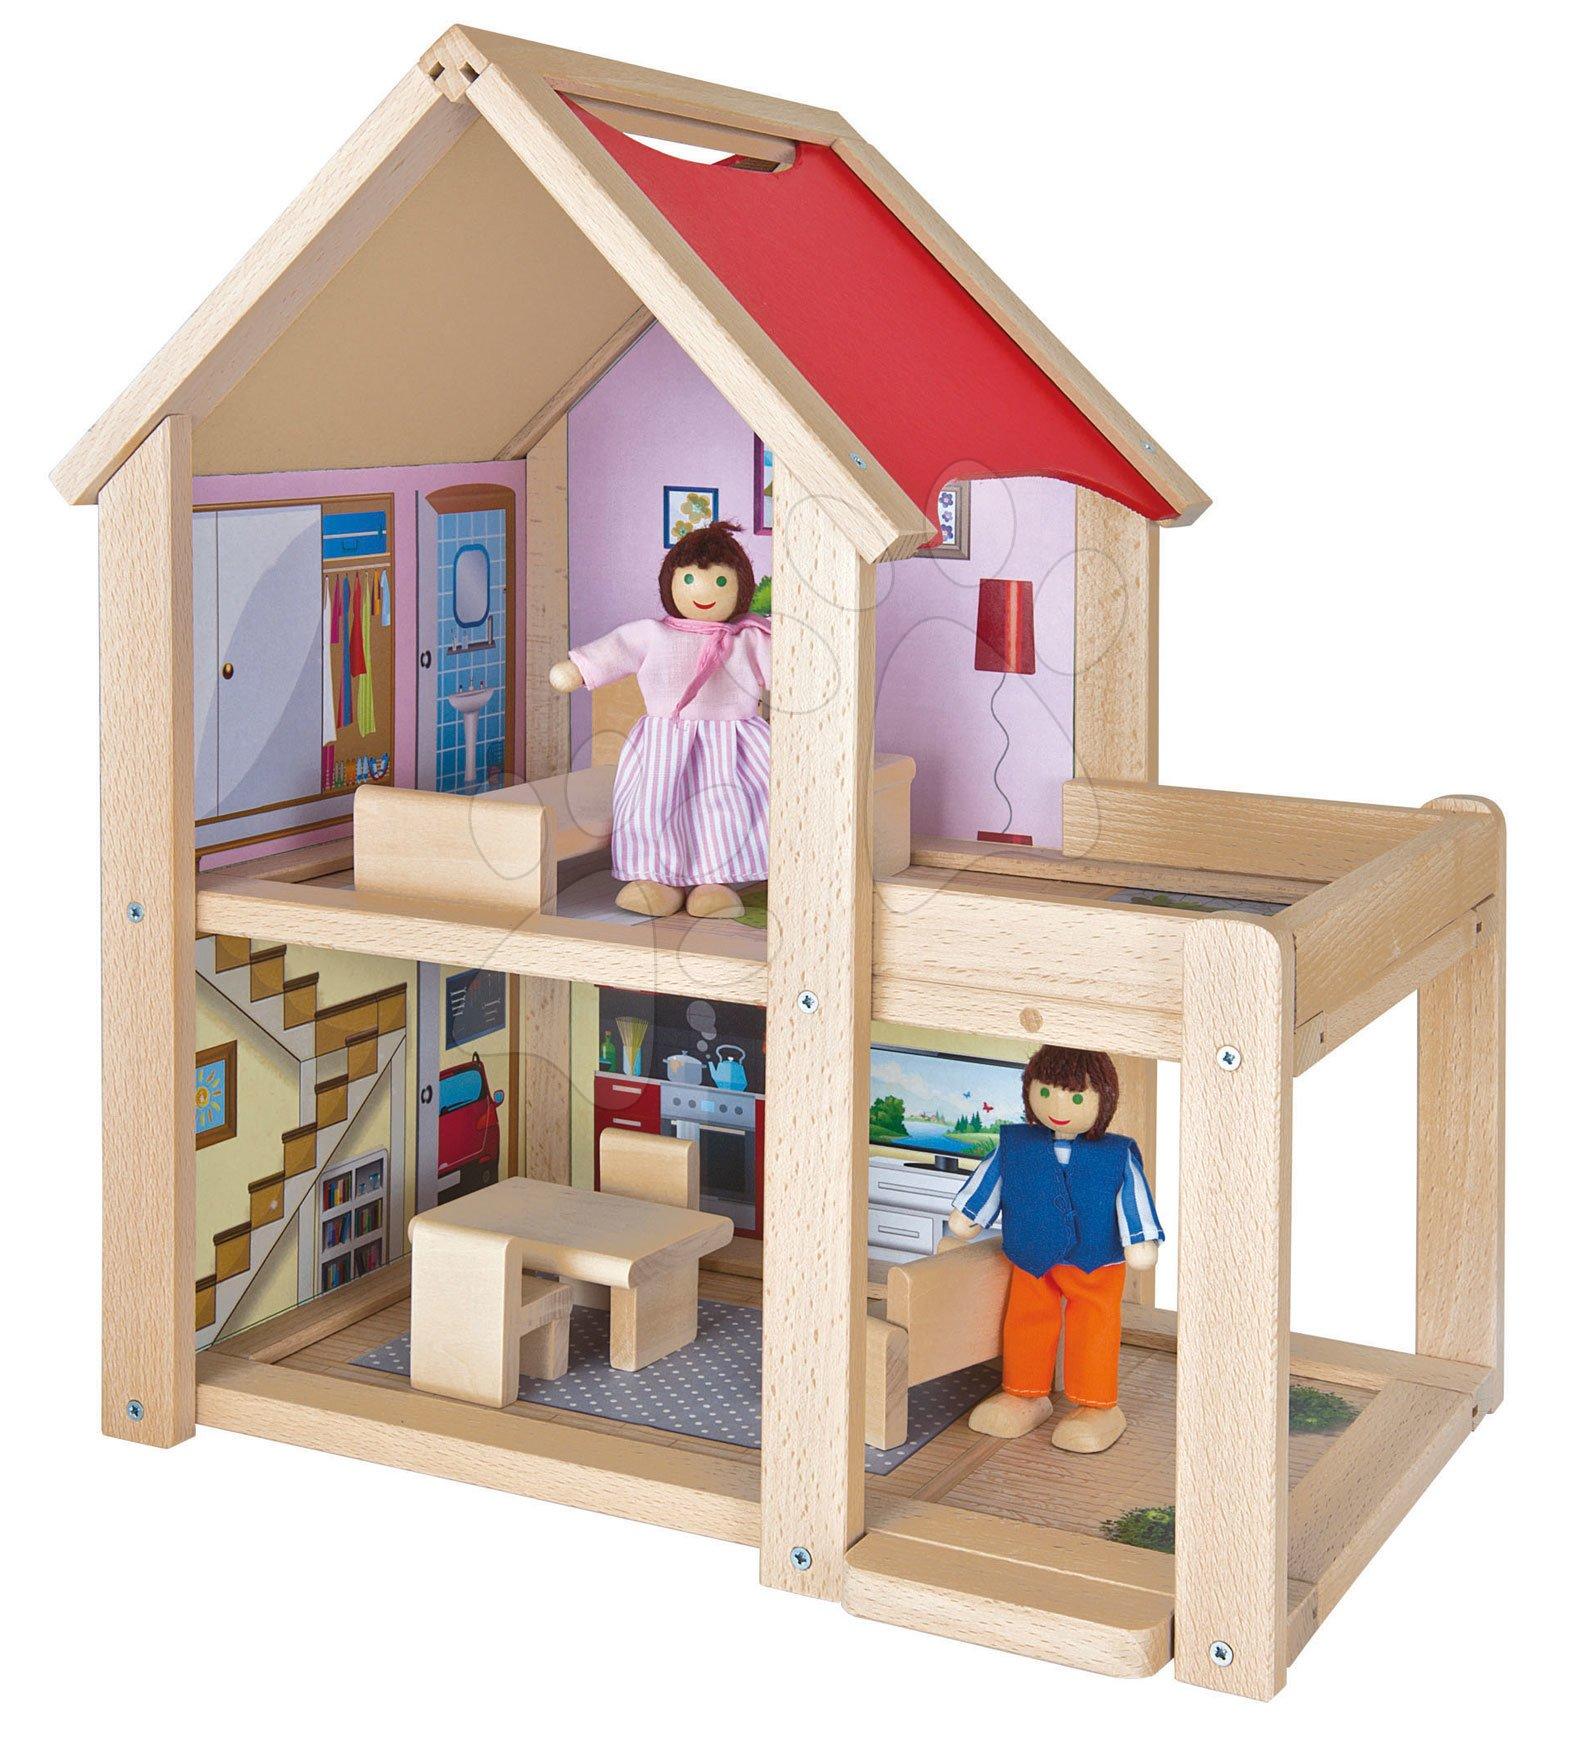 Drevený domček pre bábiky Doll's House Eichhorn komplet vybavený s nábytkom a 2 figúrkami výška 41 cm